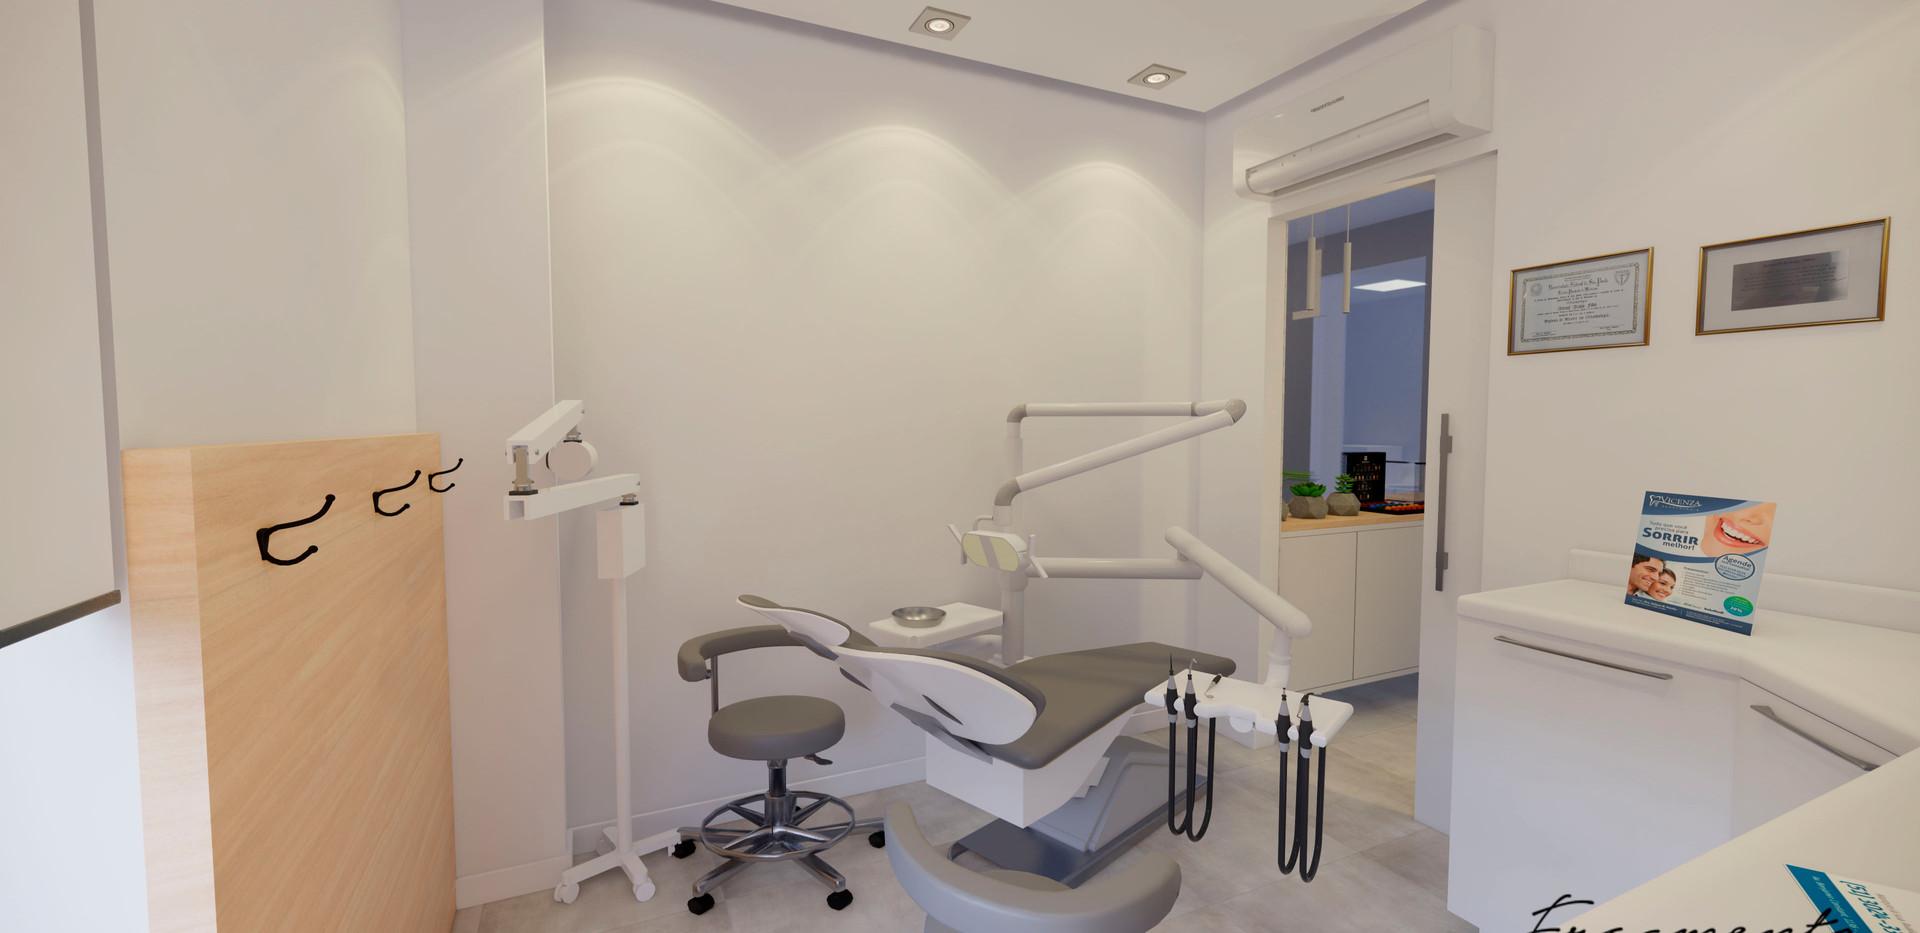 Vasco Odontologia - 11.jpg